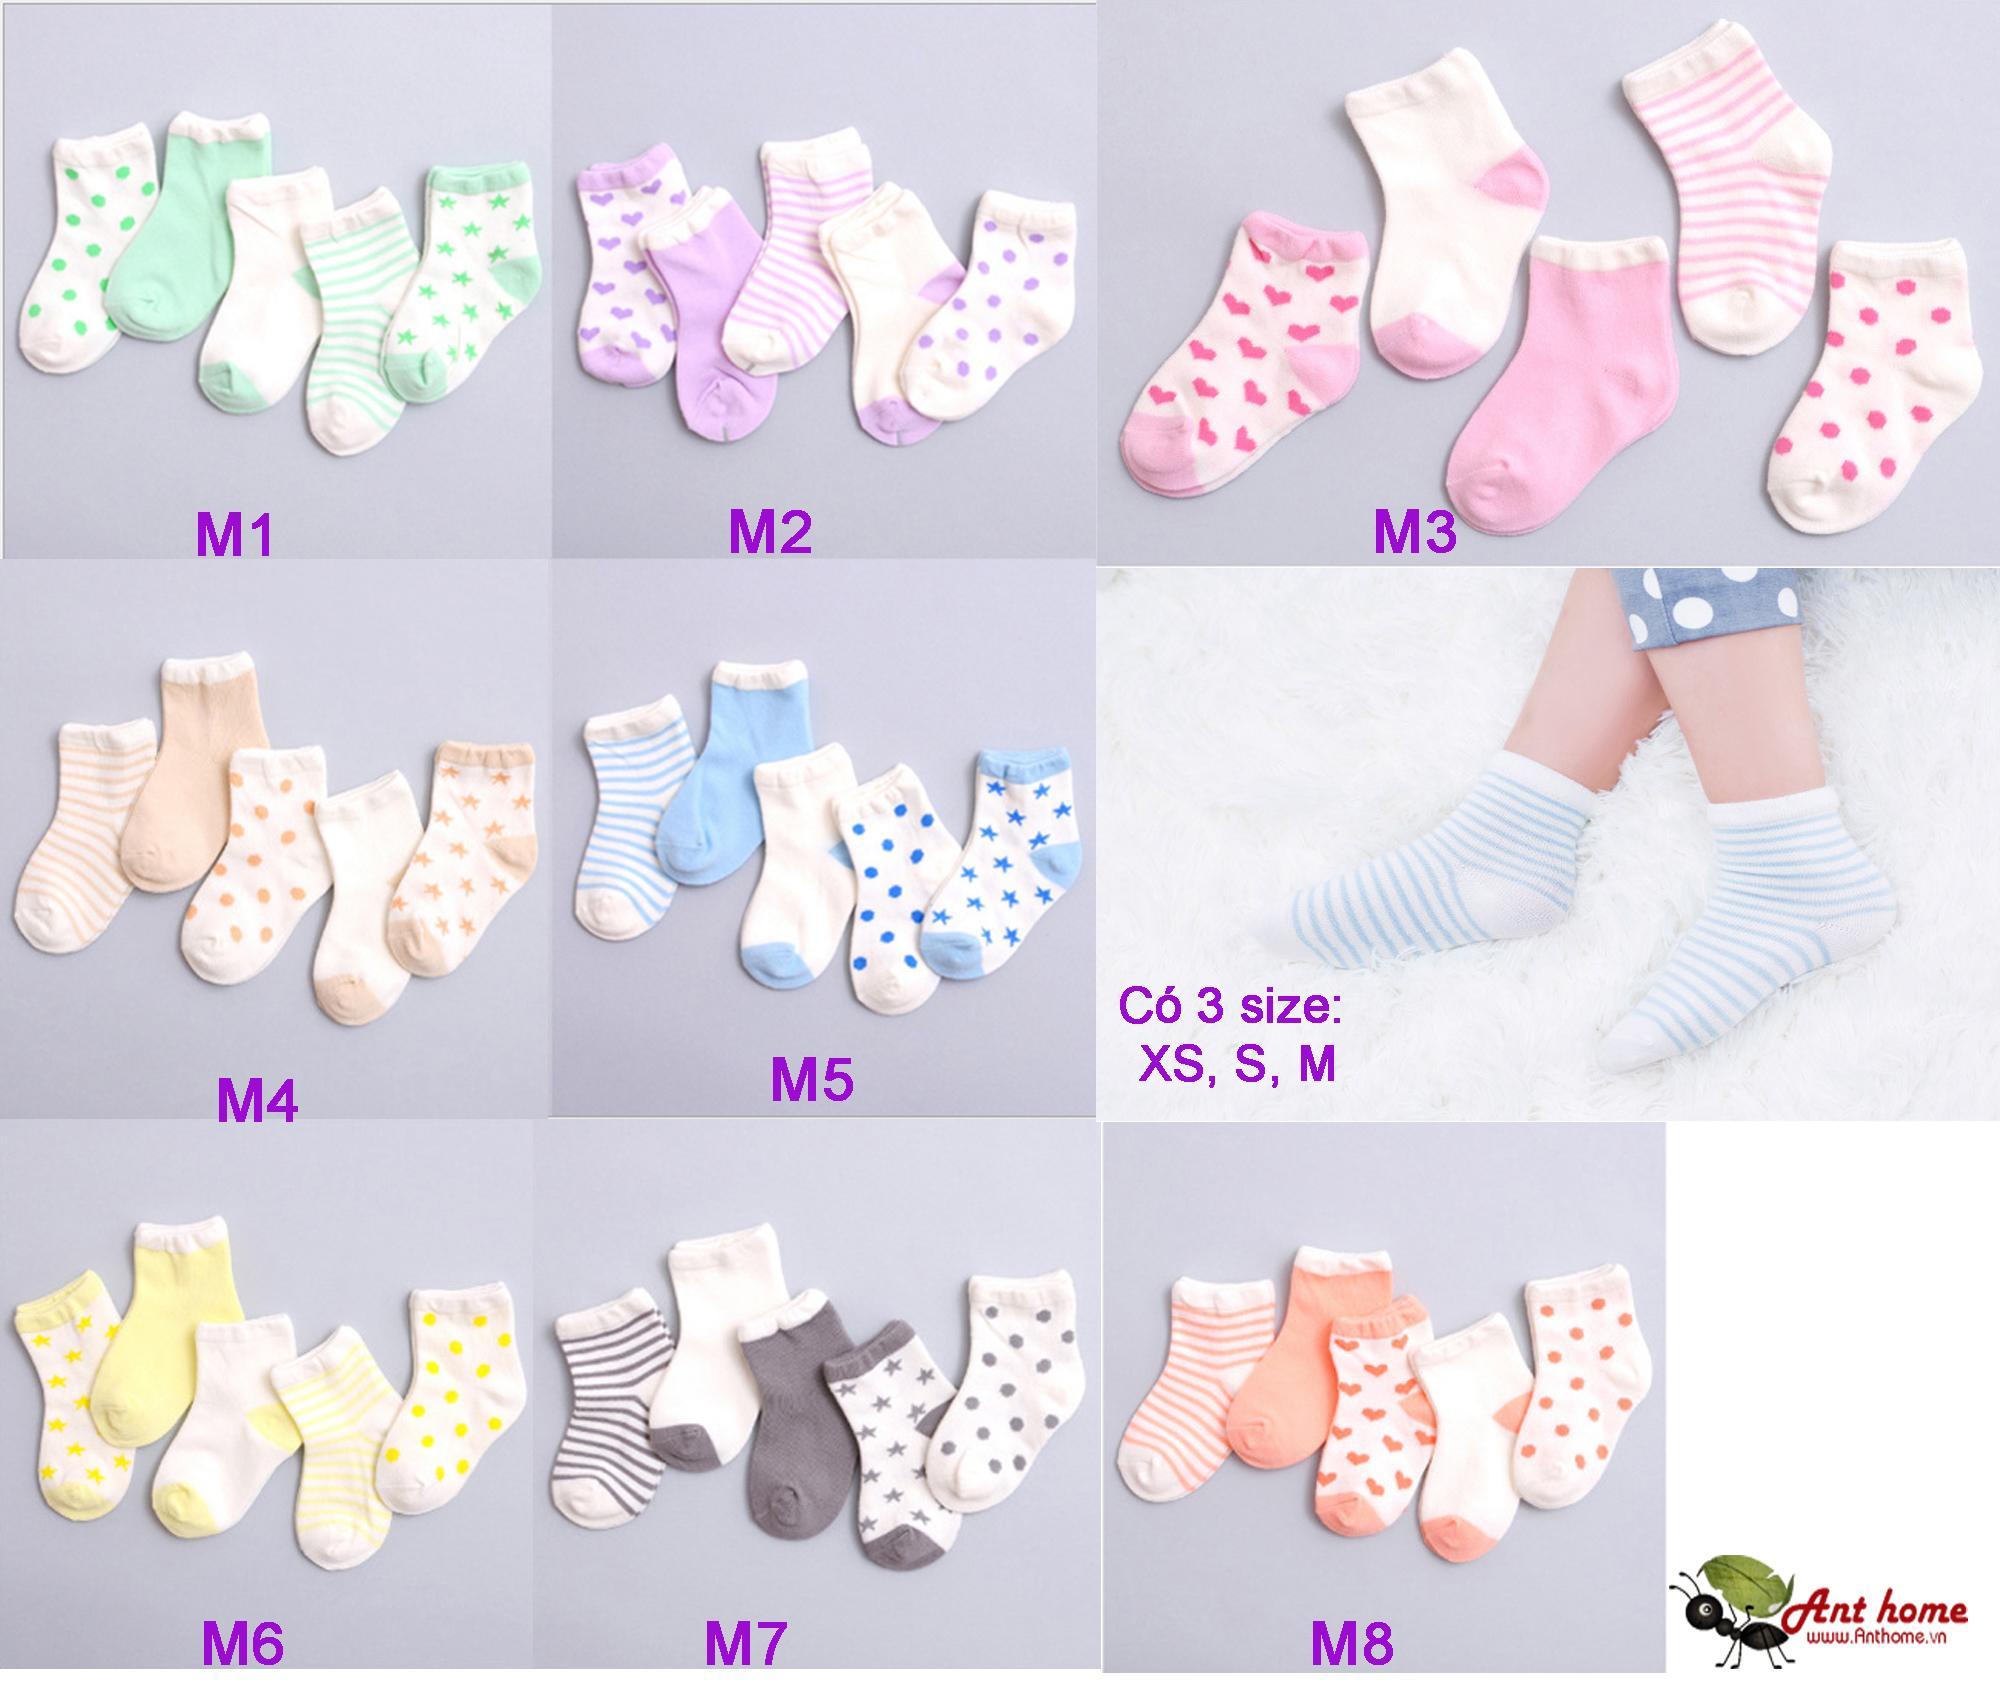 Combo 5 đôi vớ (tất) bé trai từ 0-1 tuổi size XS mẫu M1